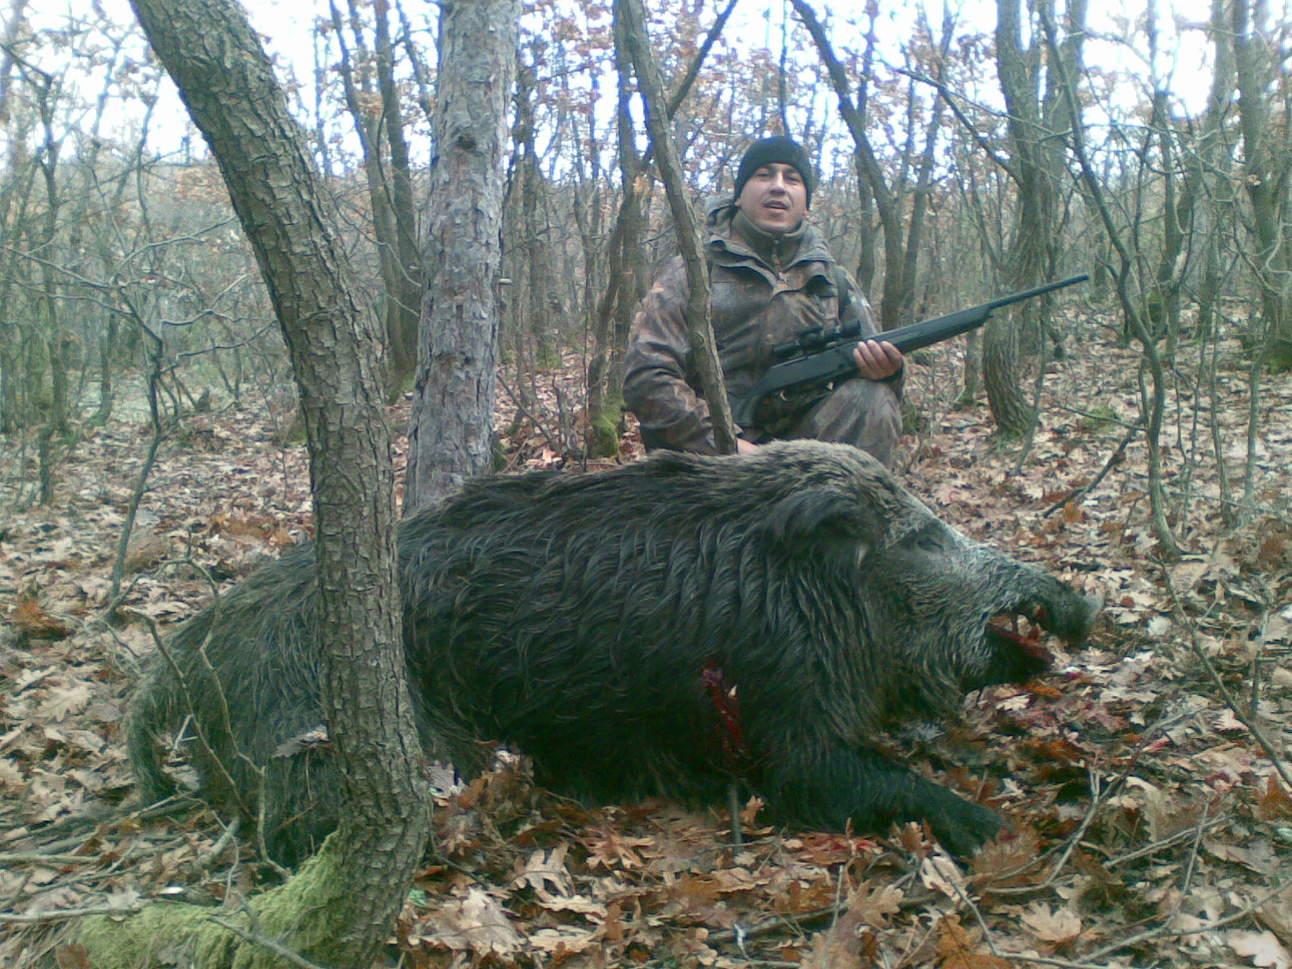 Big Wild Boar - Hornady Manufacturing, Inc Giant Wild Boar Photos